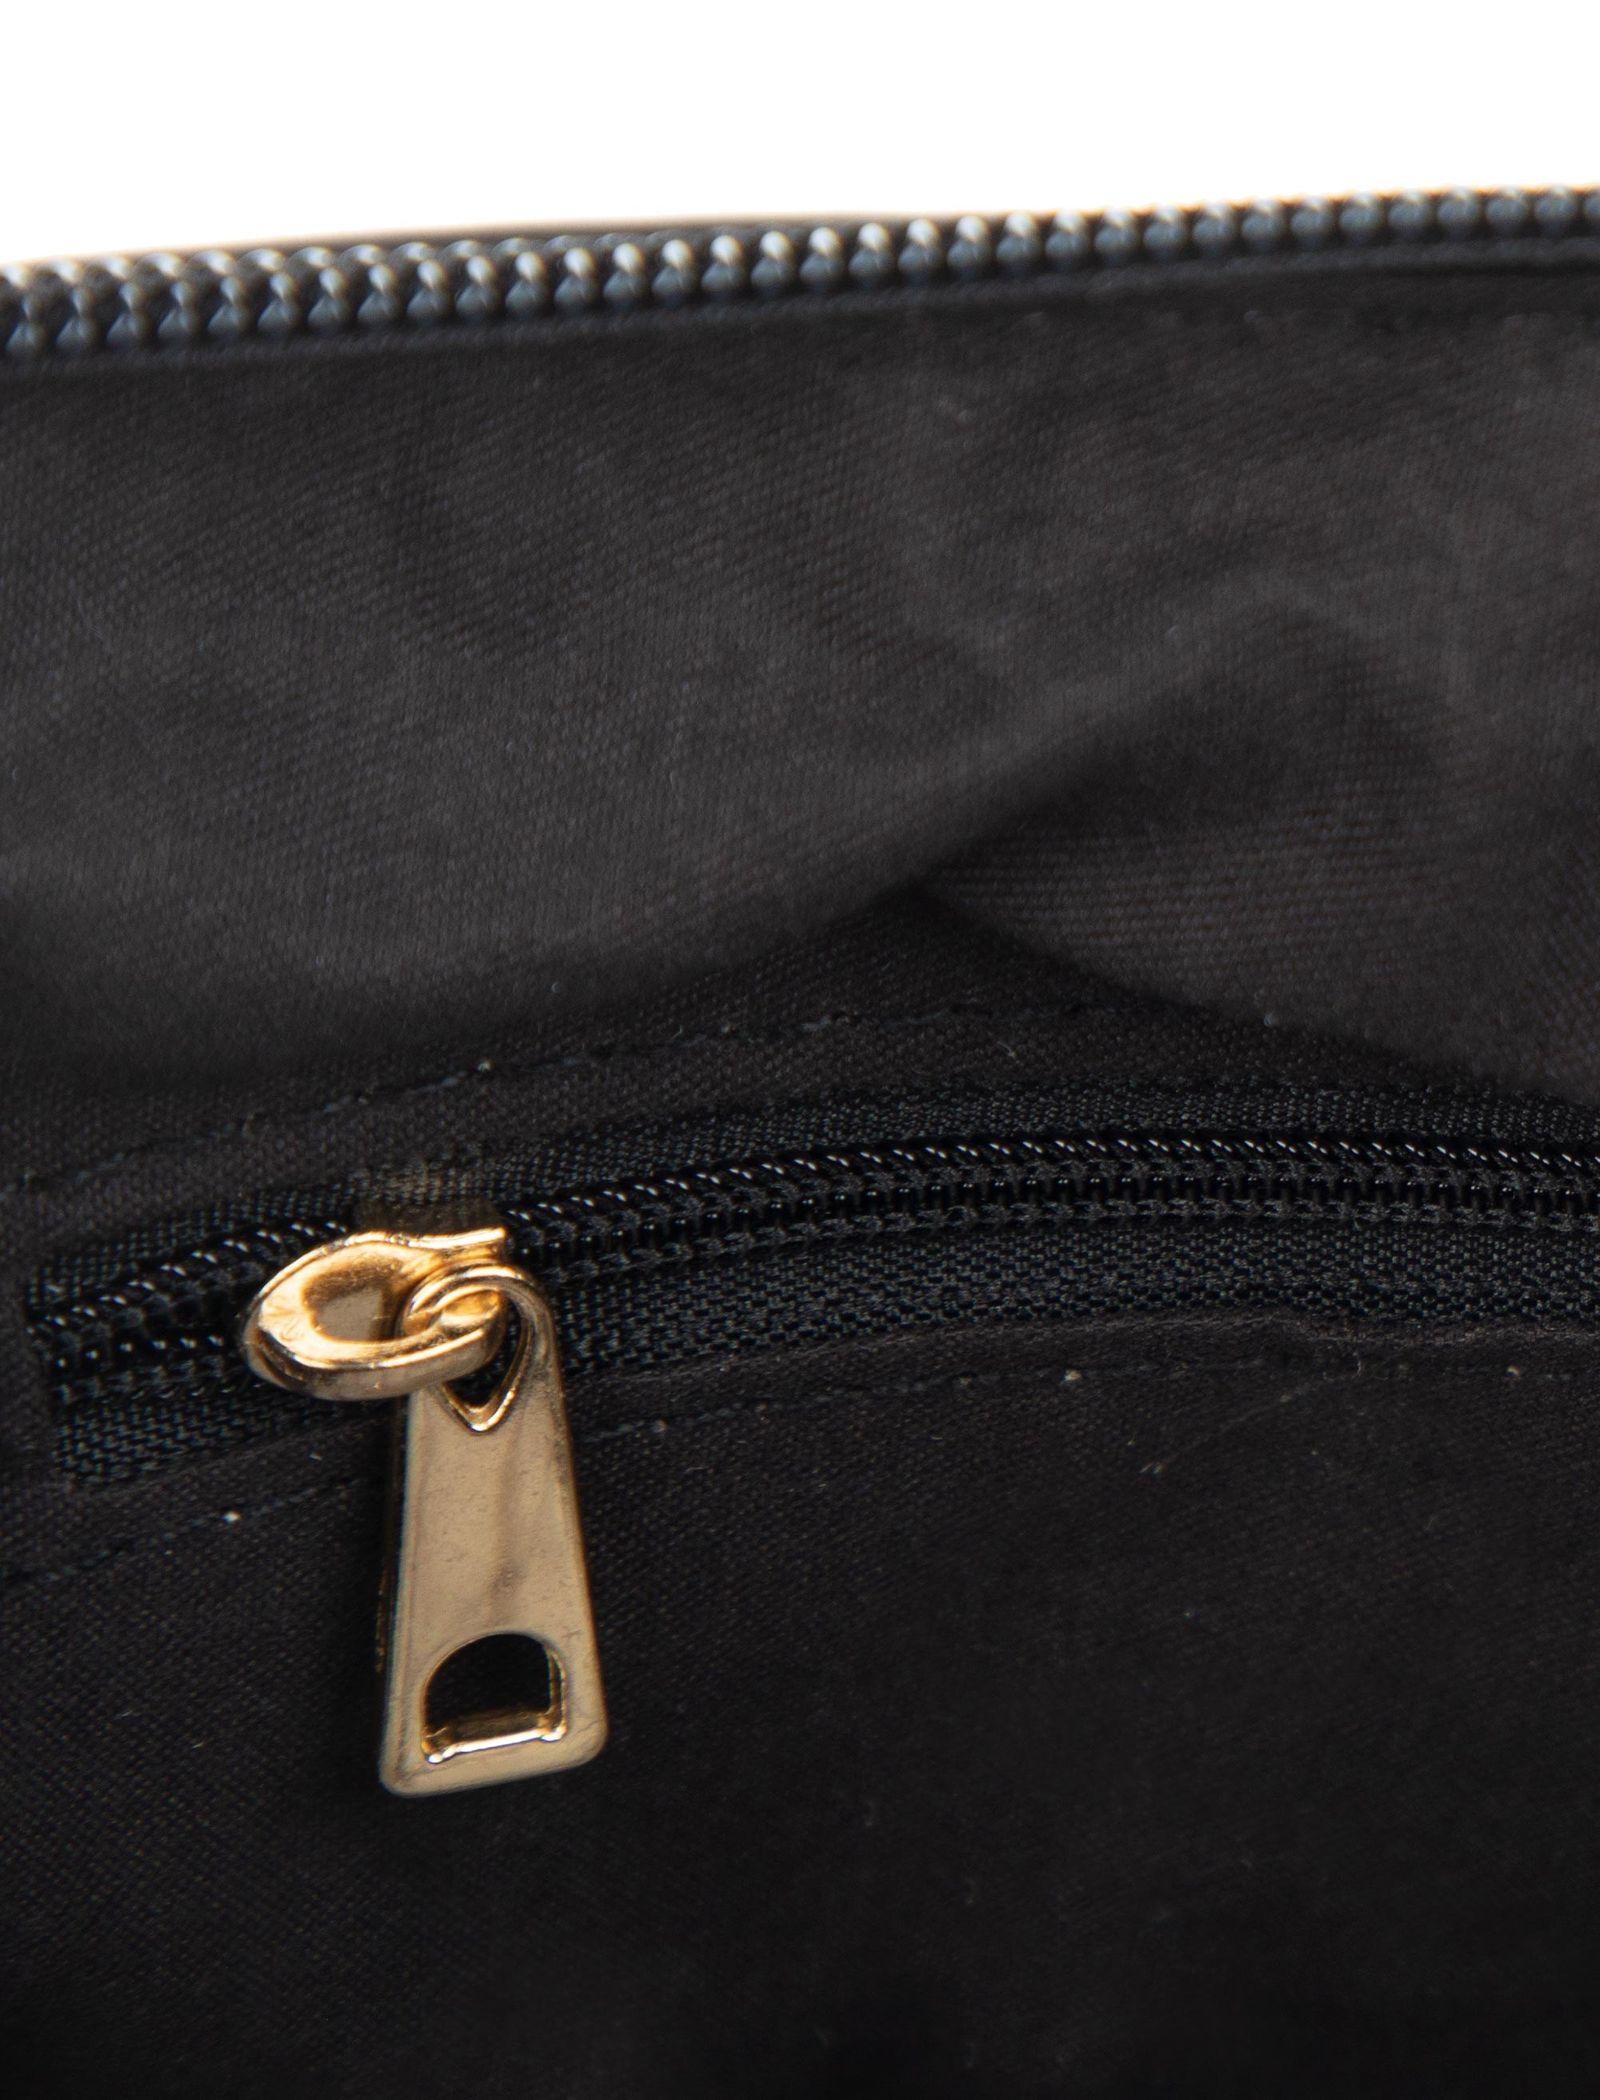 کیف دوشی روزمره زنانه - دادلین تک سایز - مشکي - 7